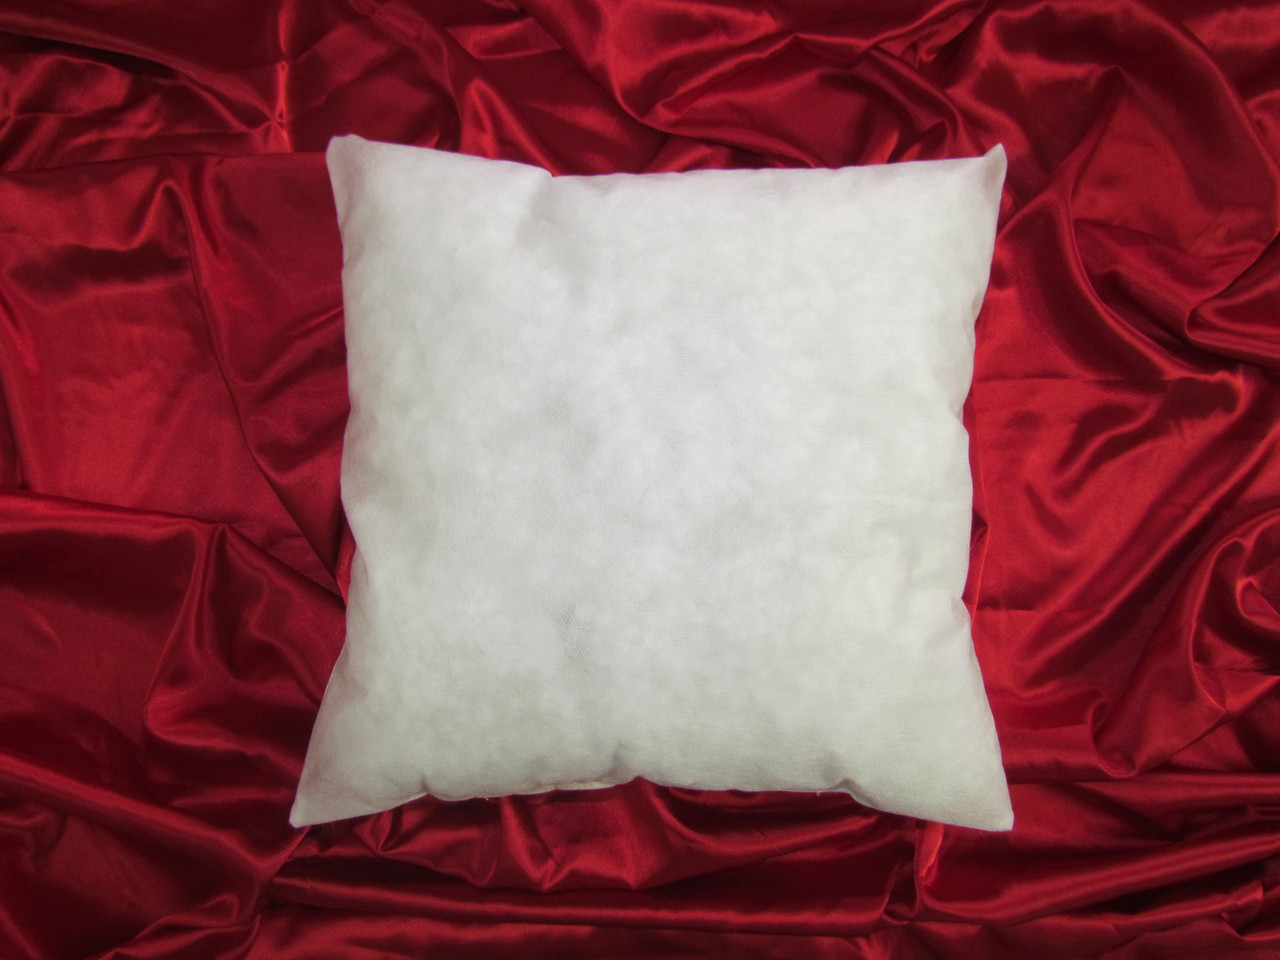 Подушка без наволочки 30х30 см. Спанбонд